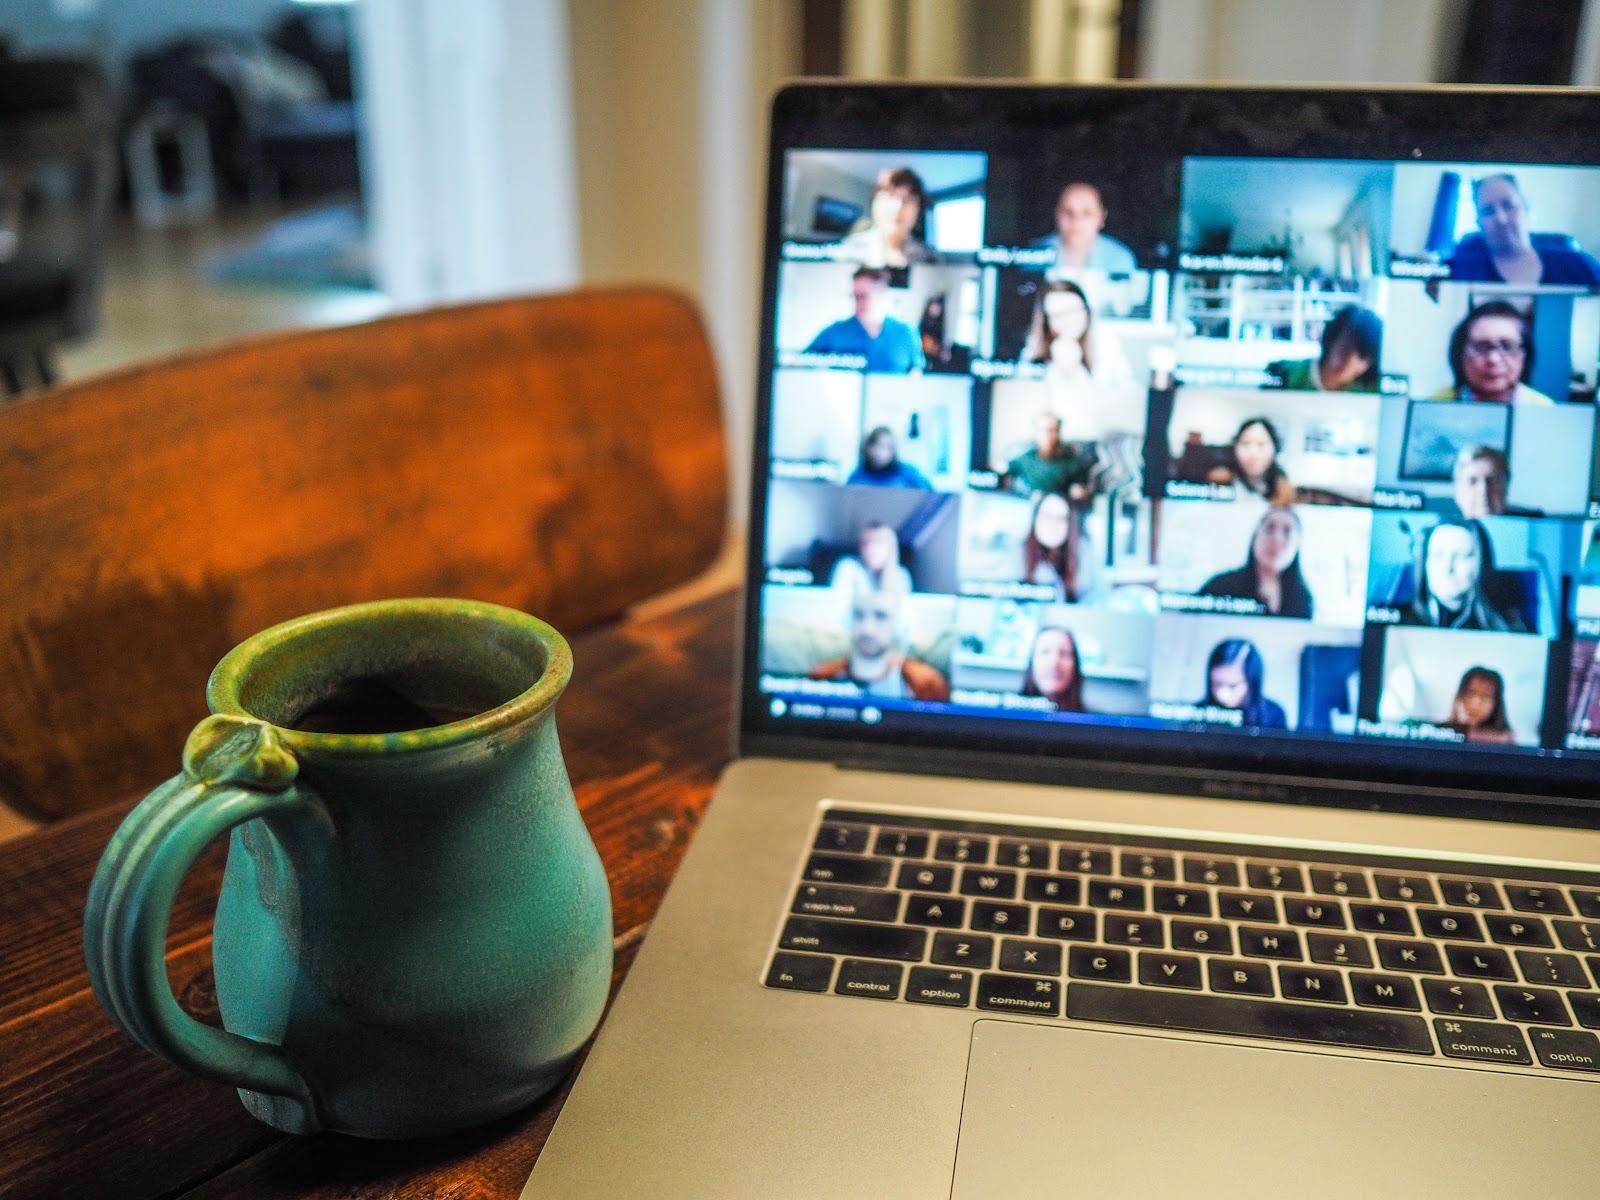 De ce e important sa fii informat dupa ce inchizi laptopul si programul de lucru